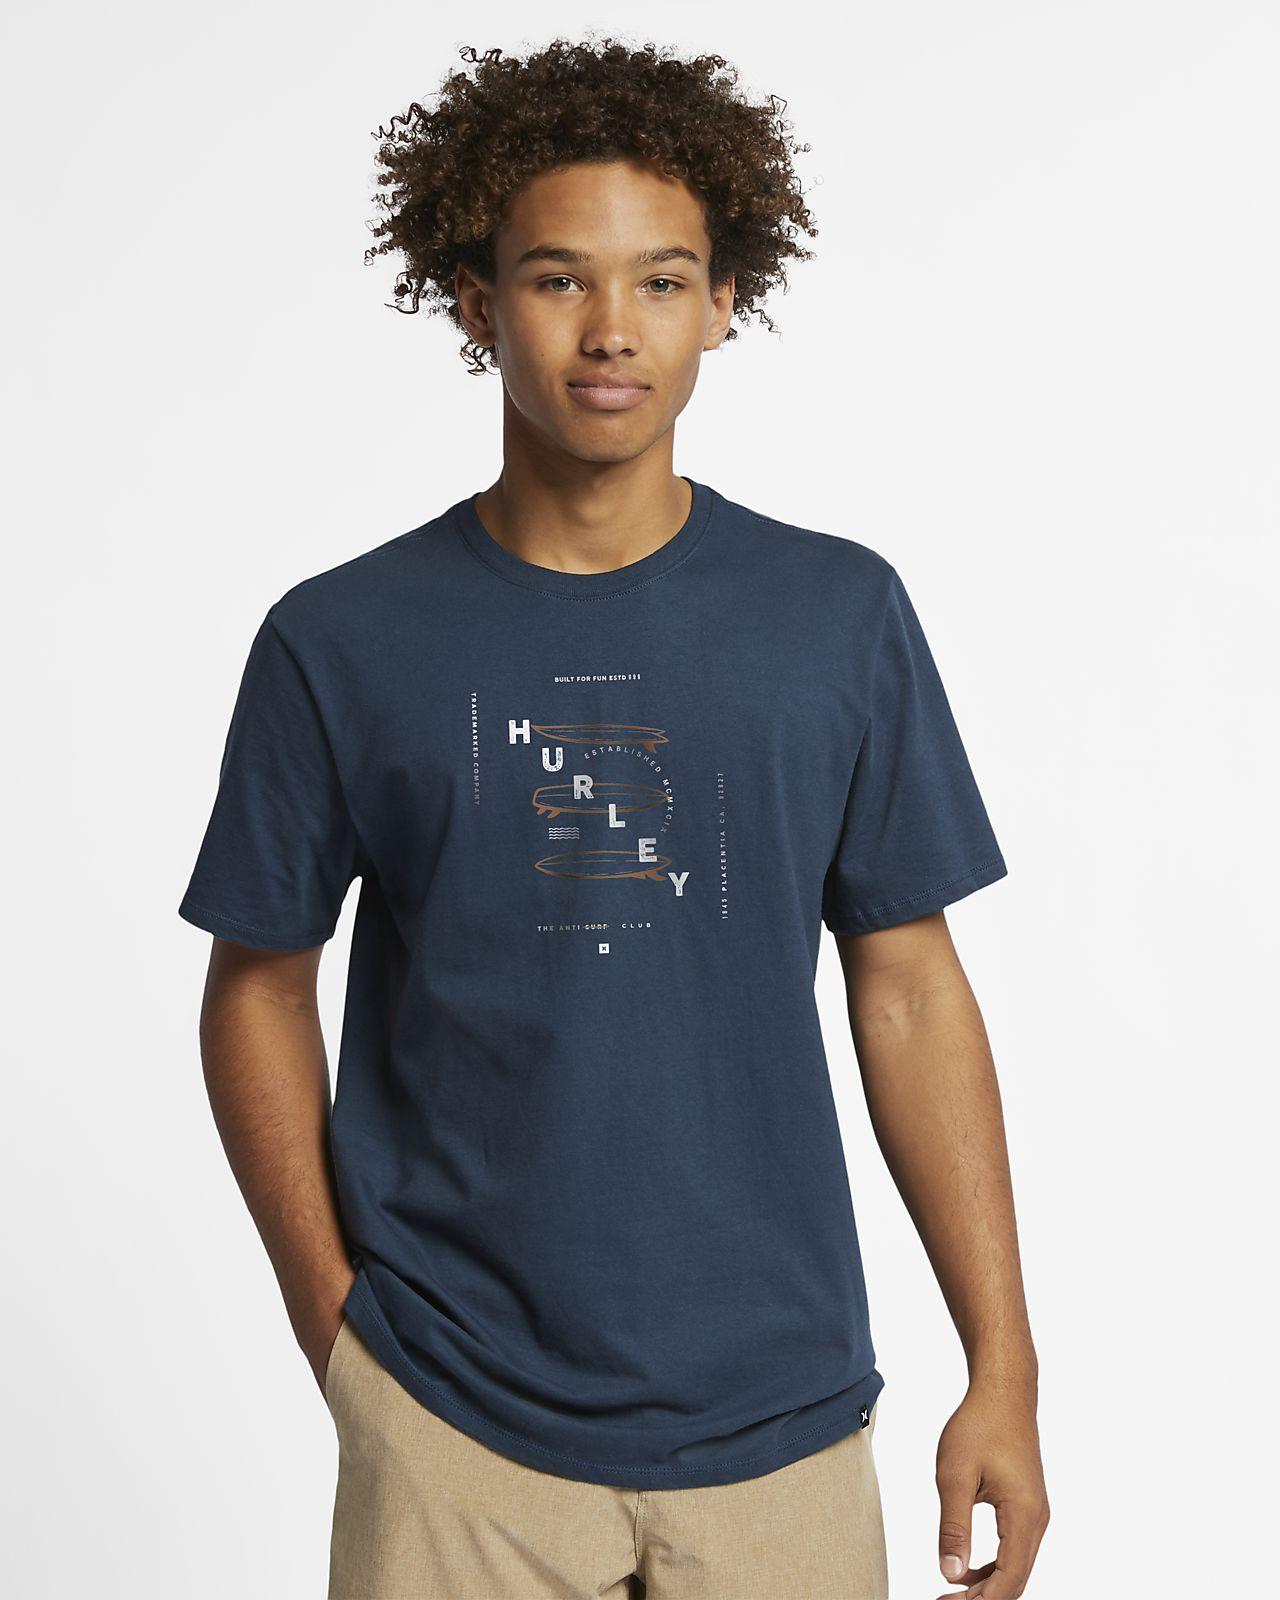 ハーレー プレミアム ボード メンズ Tシャツ